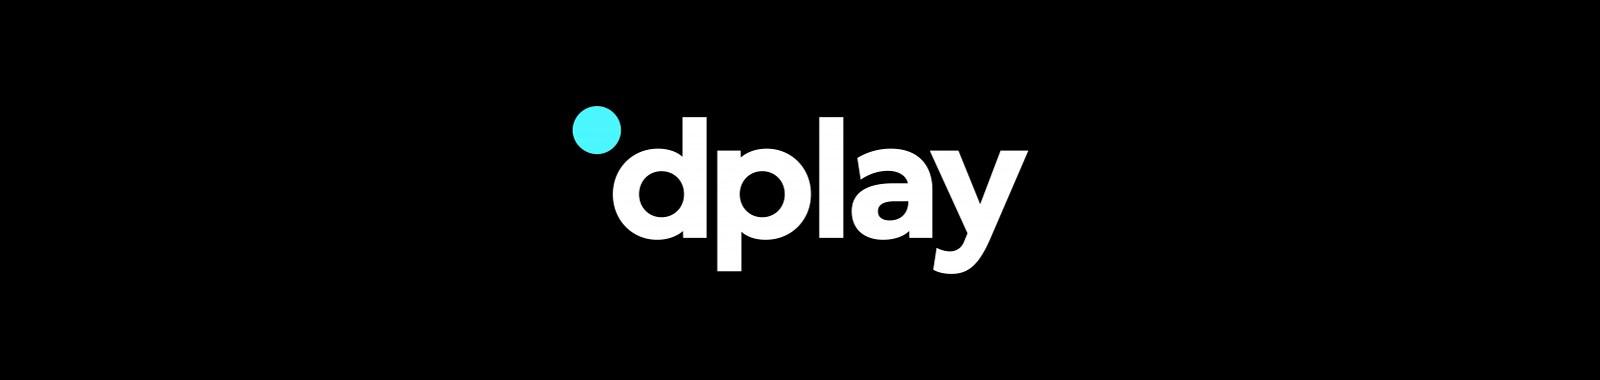 dplay_eye